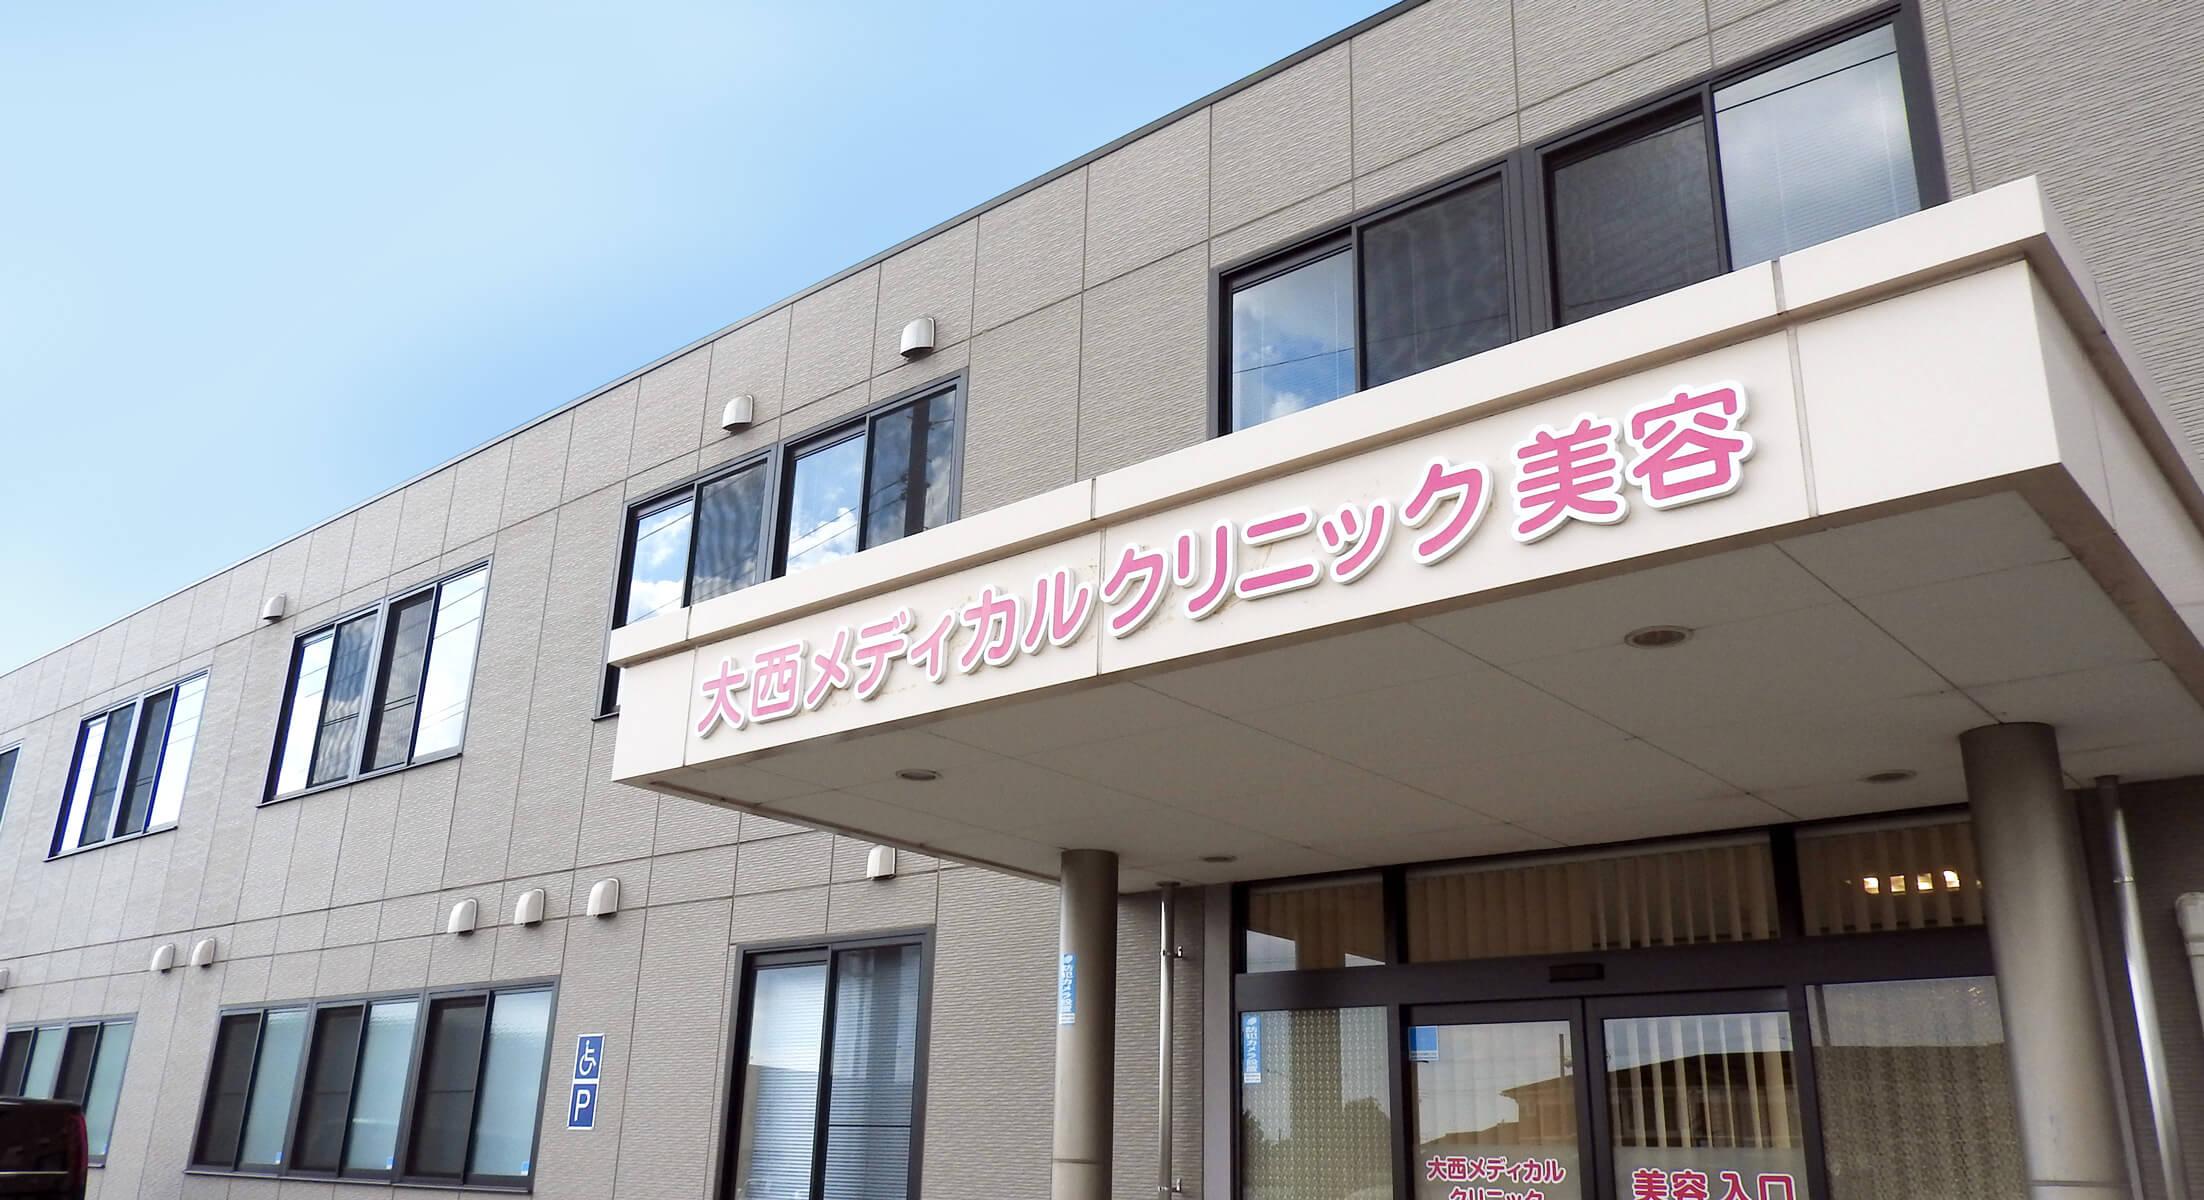 ミセルクリニック加古川院の店舗情報